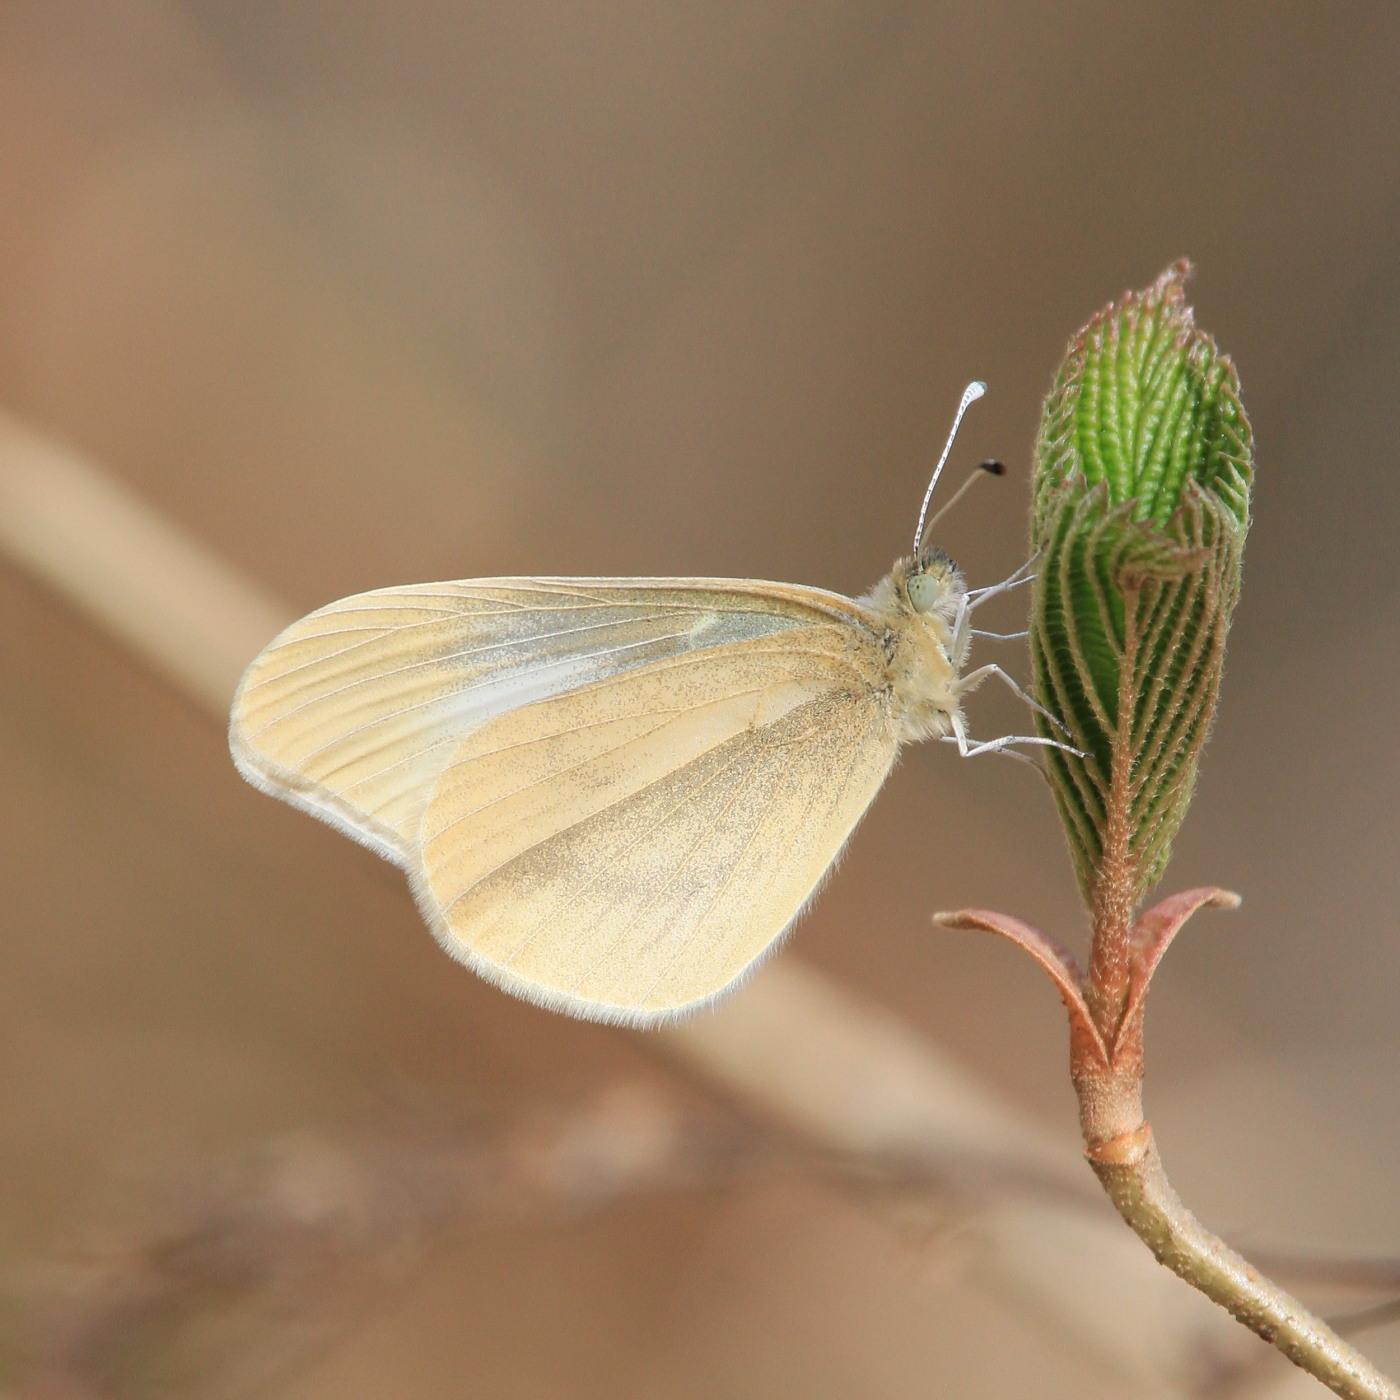 ヒメシロチョウ いつも春型♂雄の紹介で。  2013.4.29長野県③_a0146869_20265831.jpg